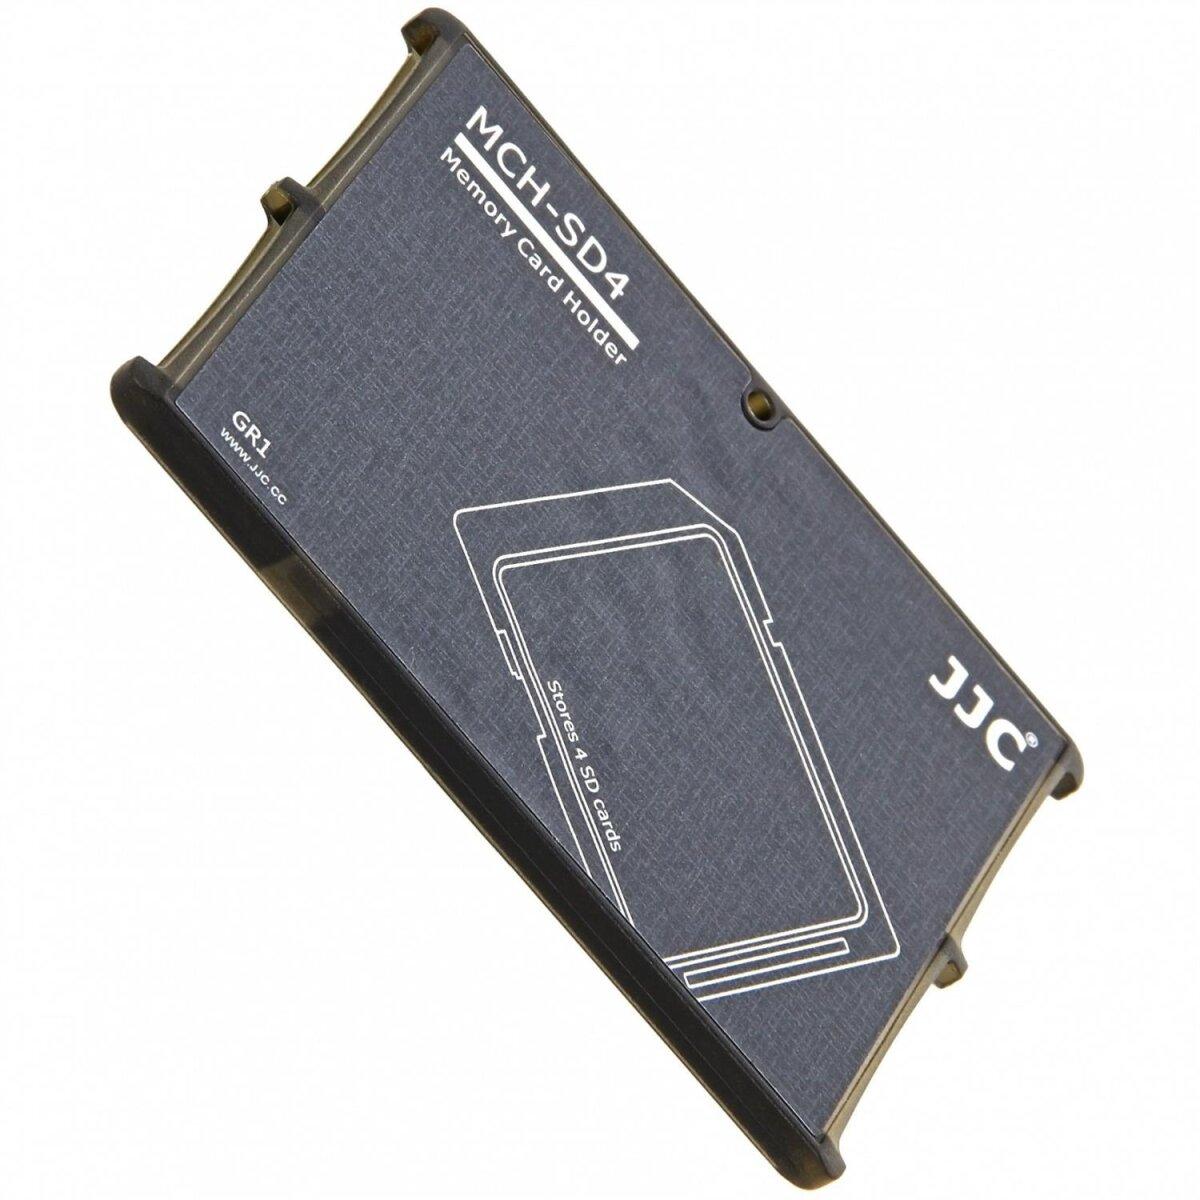 Extrem Kompaktes Speicherkarten Etui Aufbewahrungsbox im Kreditkarten-Format fuer 4x SD SDHC SDXC - grau